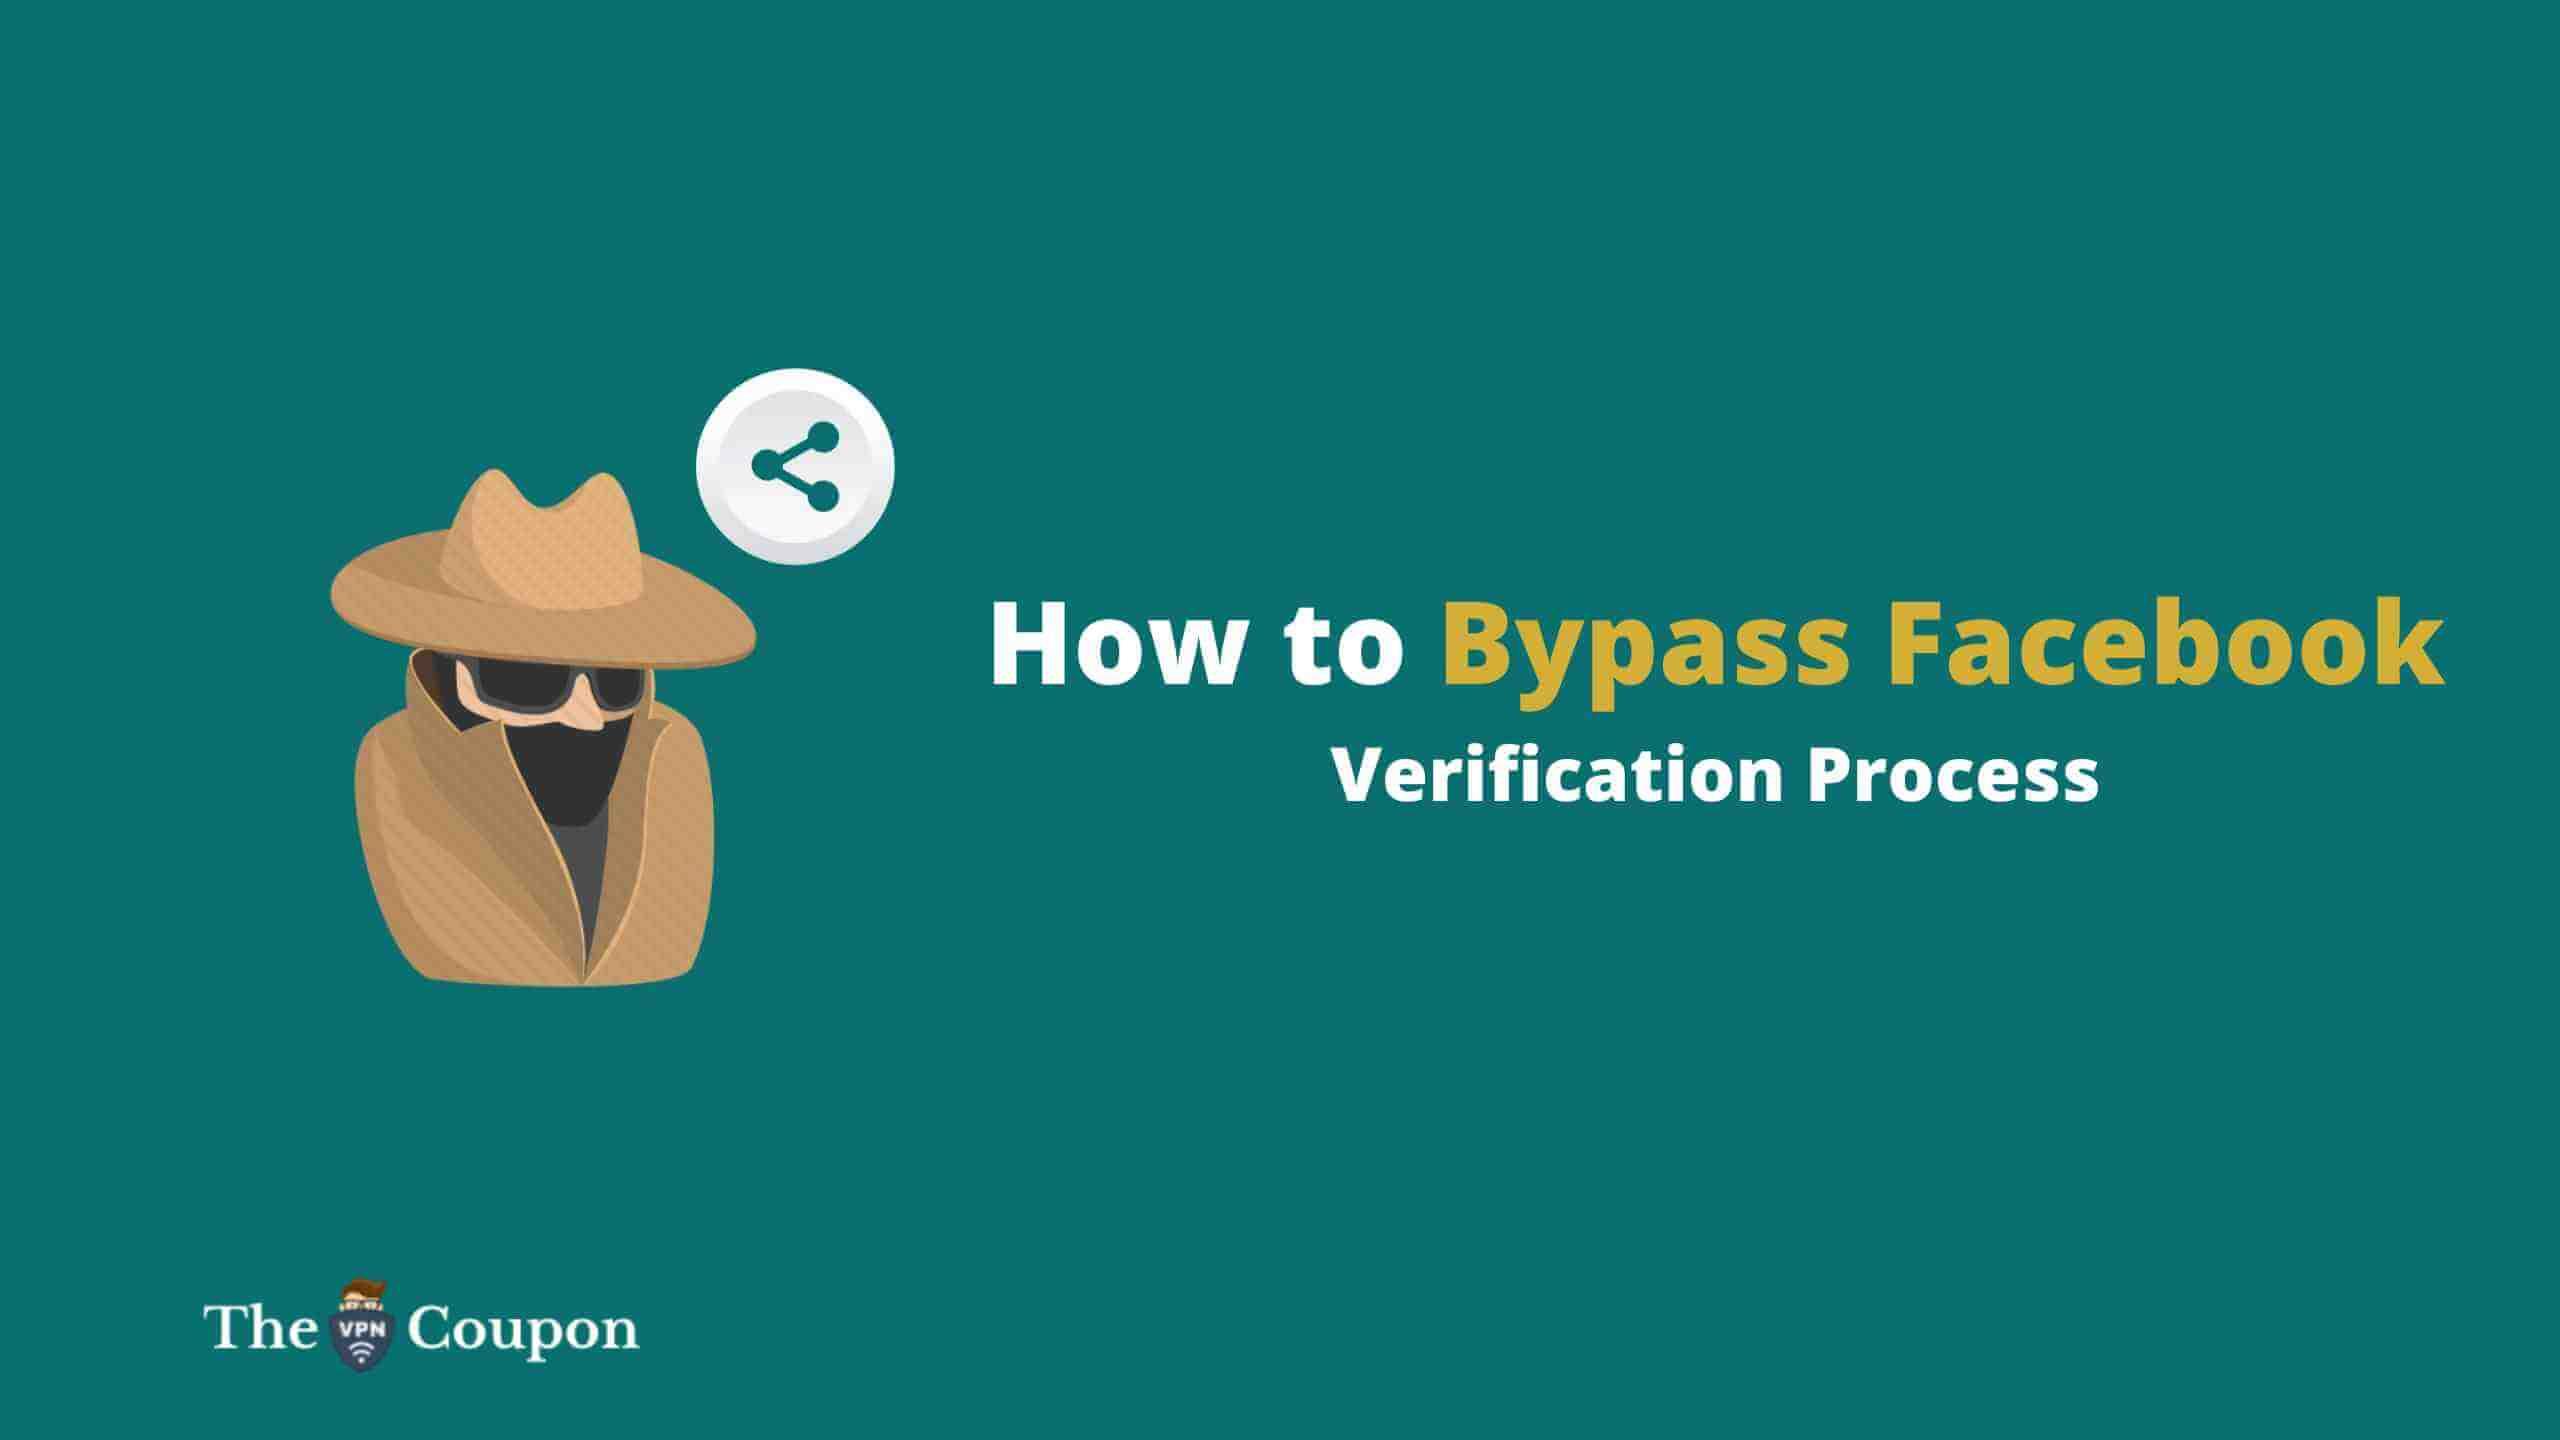 bypass facebook verification, bypass facebook number verification, working facebook bypass method